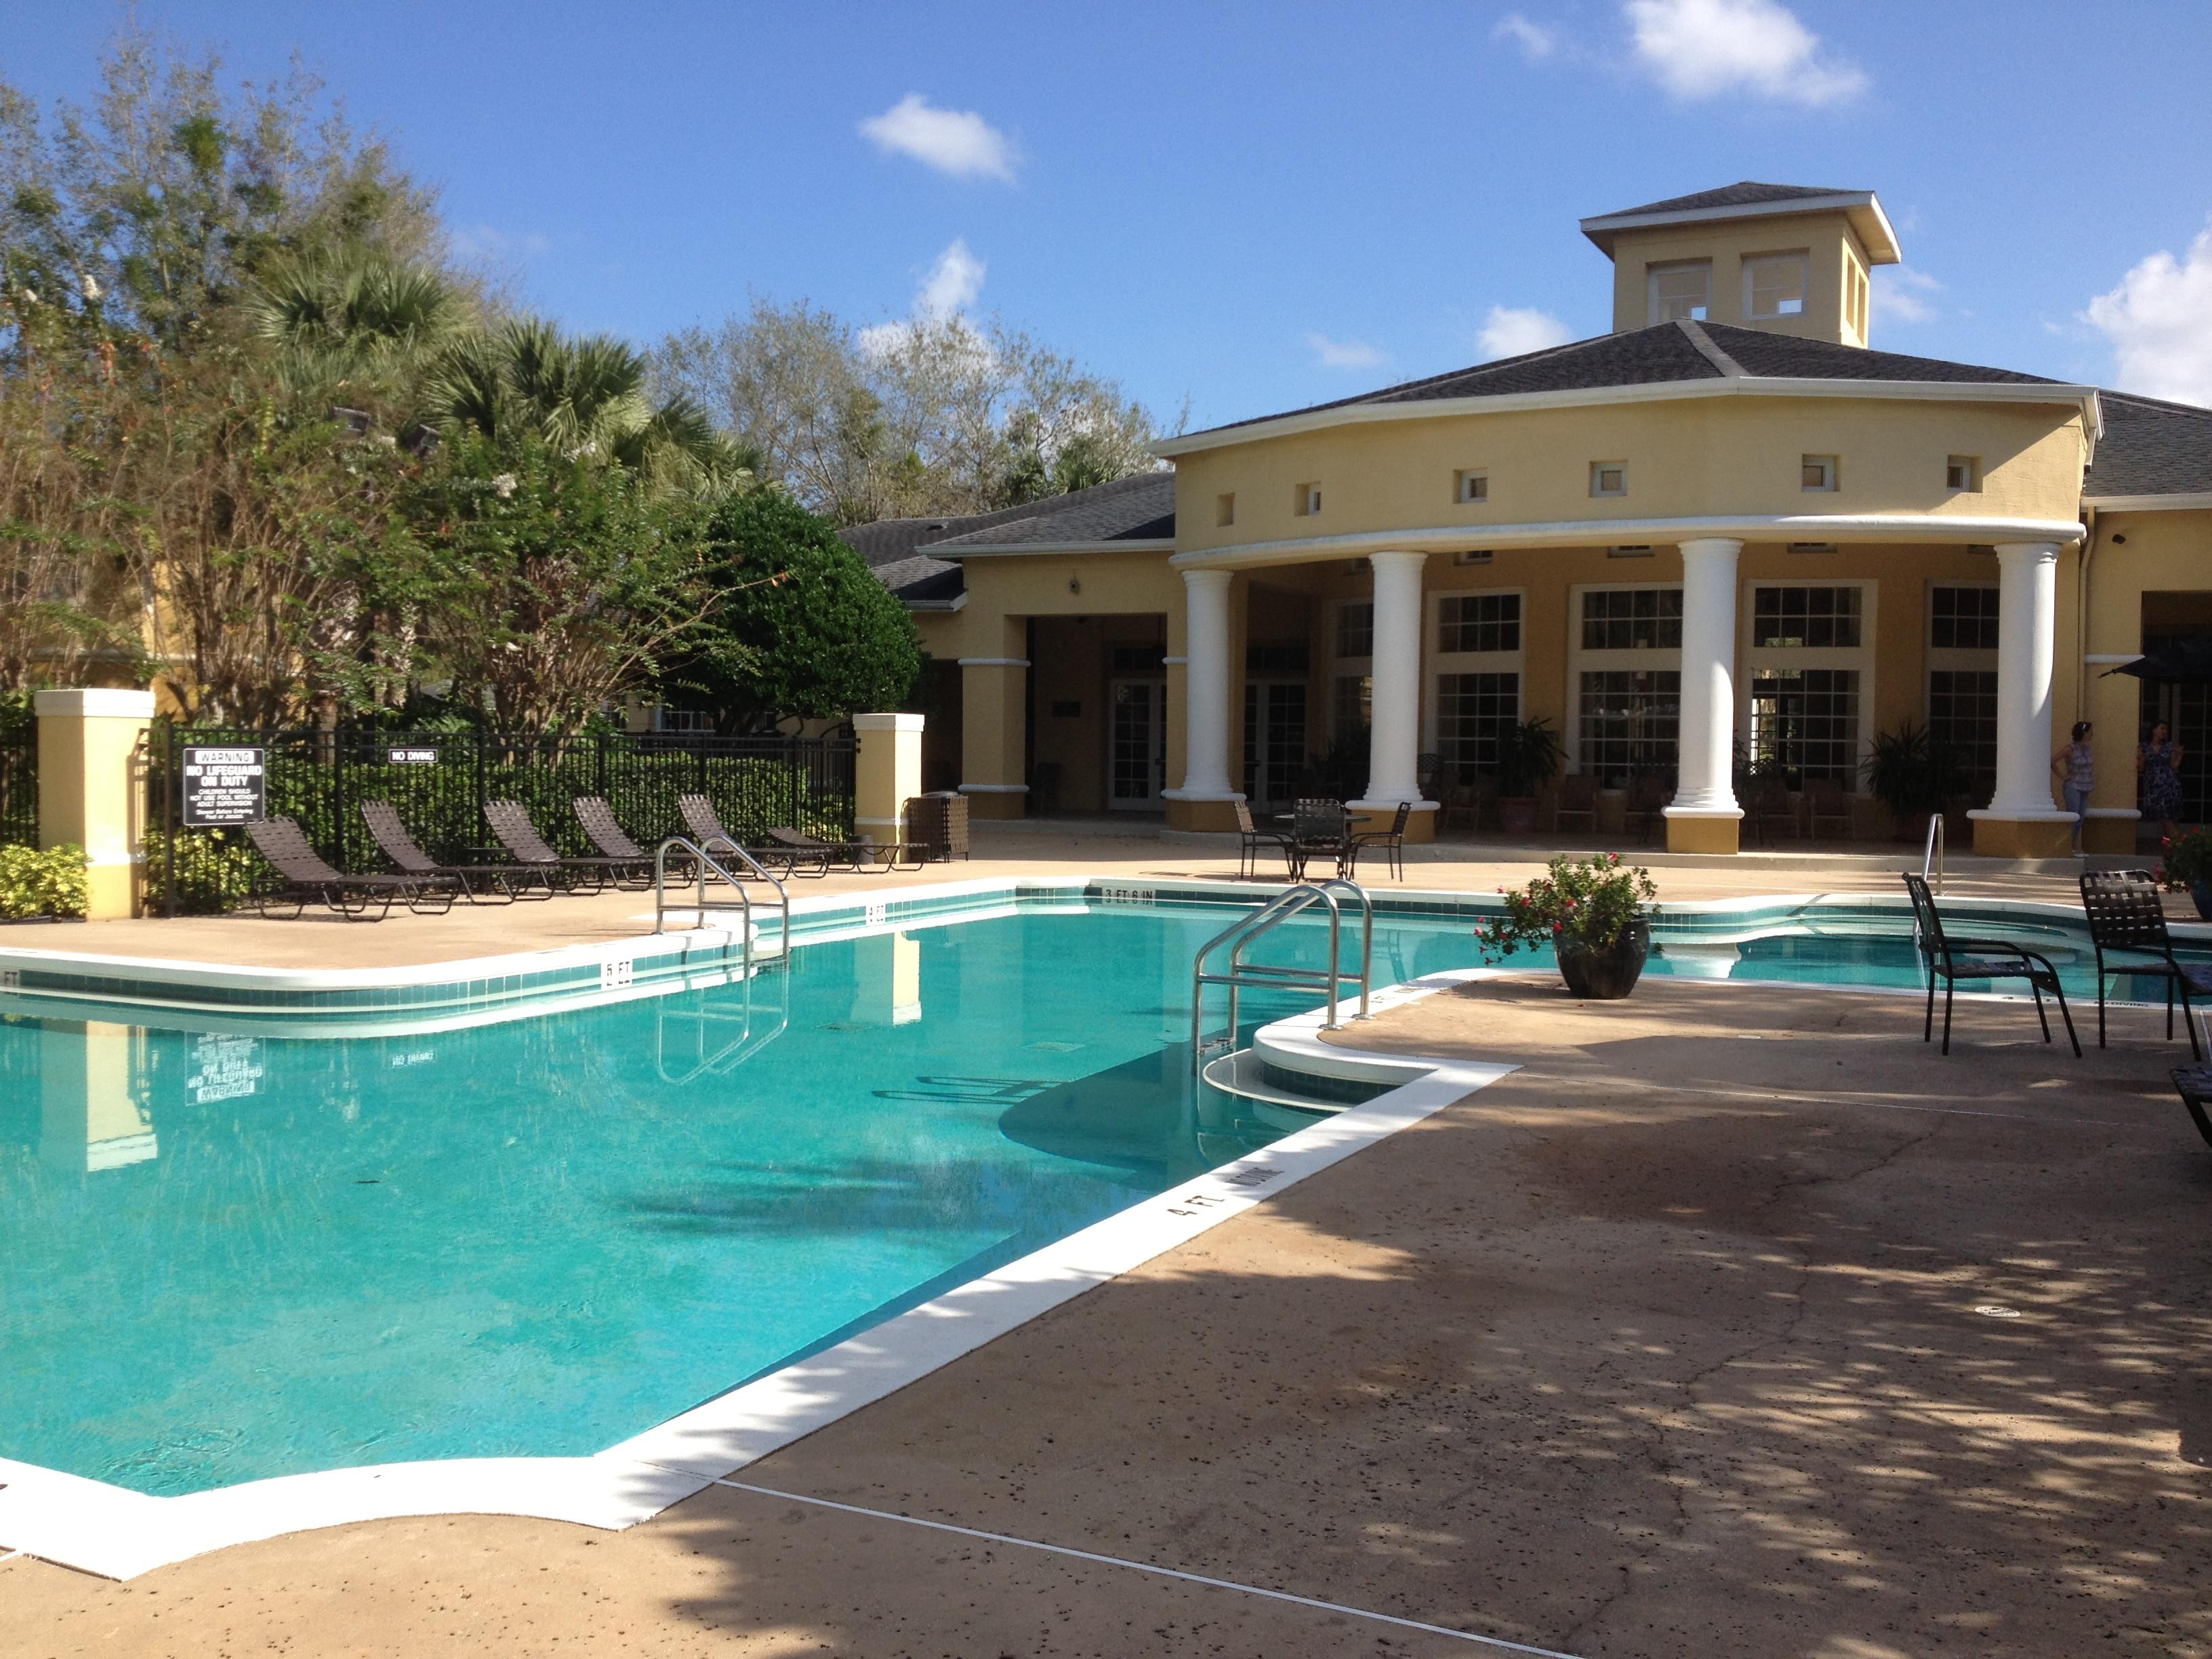 piscine du clubhouse de la résidence Madison à Orlando en Floride